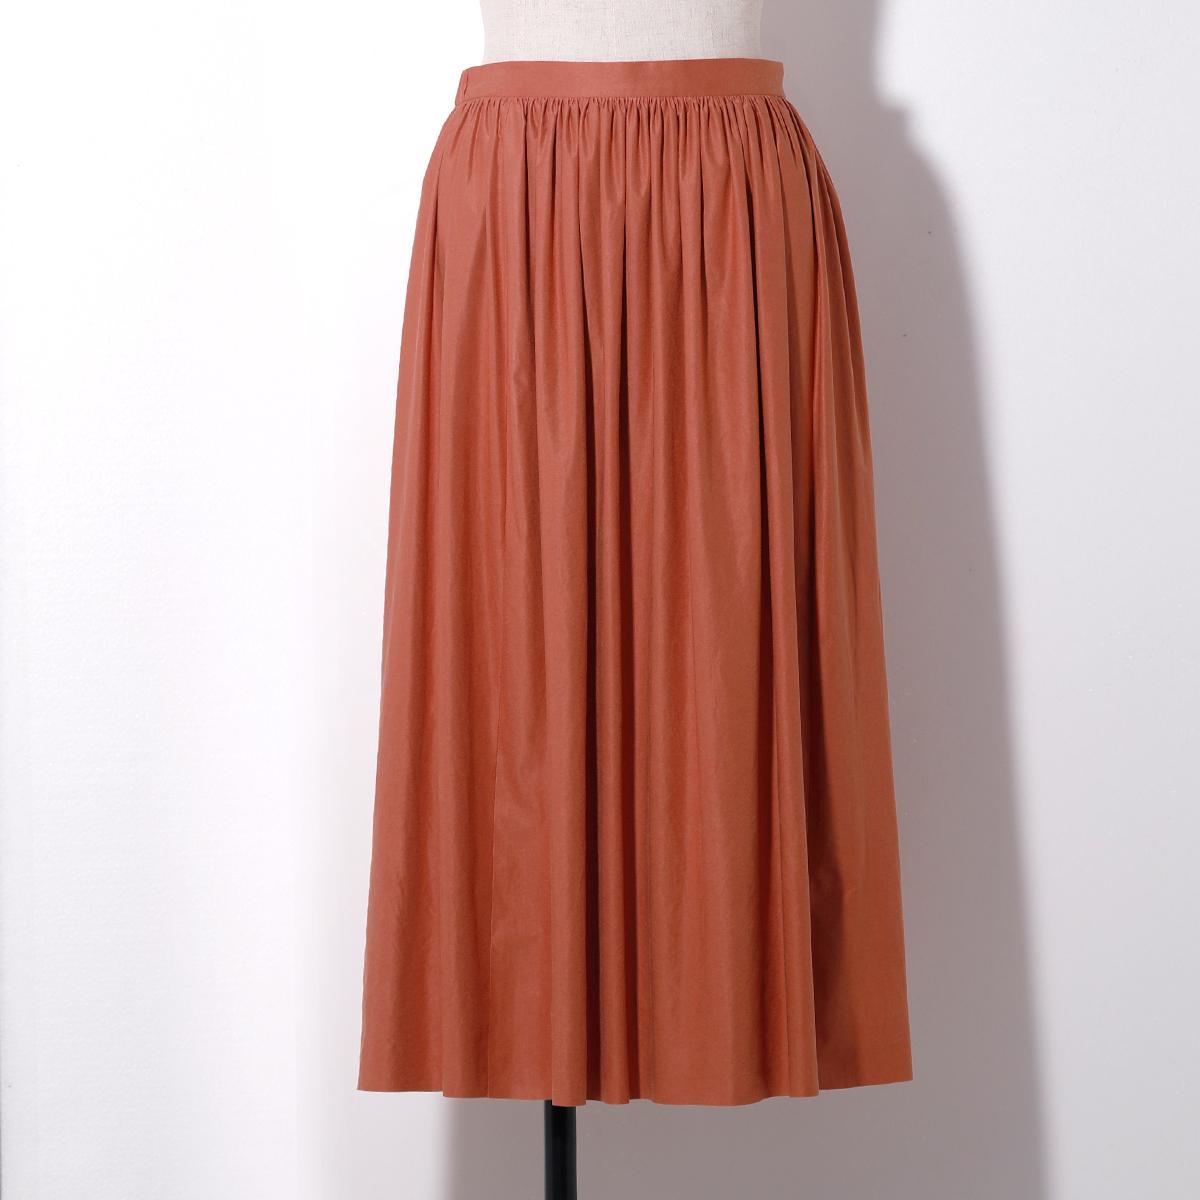 【STYLE DELI】【Made in JAPAN】エアリースエードギャザースカート/オレンジ?Sサイズ